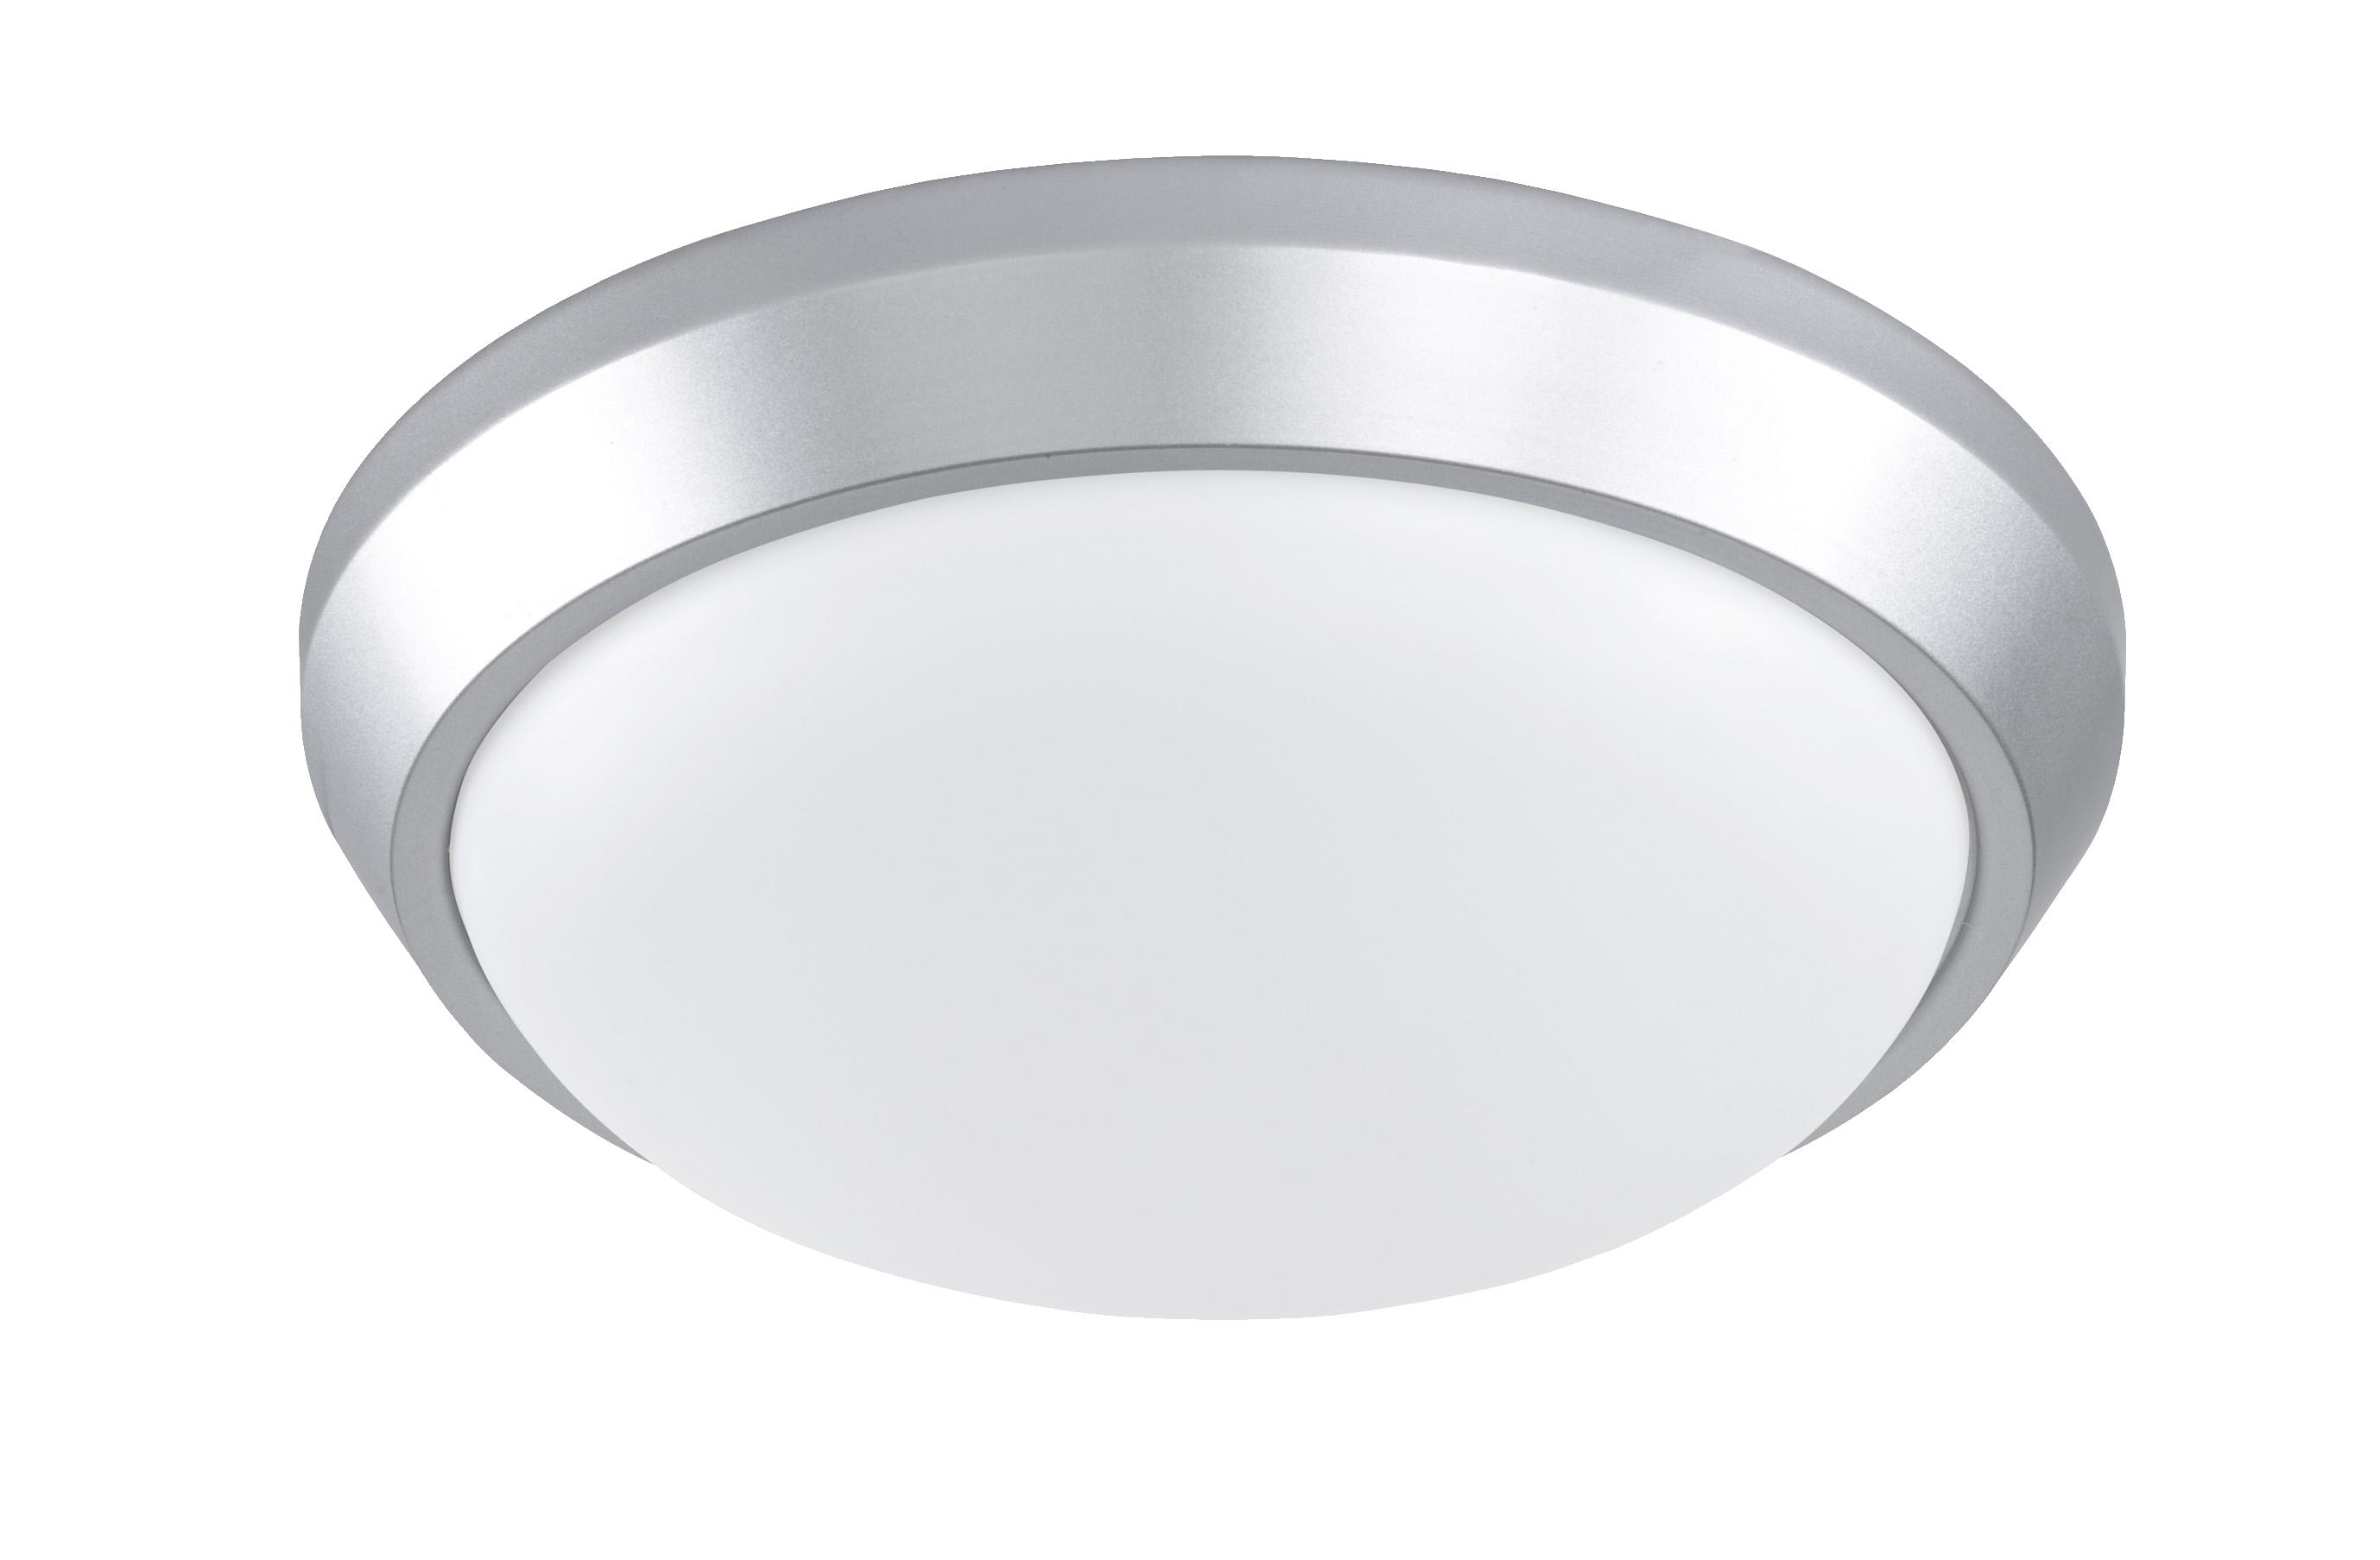 Wofi DECKENLEUCHTE SANA 1FLG, 988101700330 | Lampen > Deckenleuchten > Deckenlampen